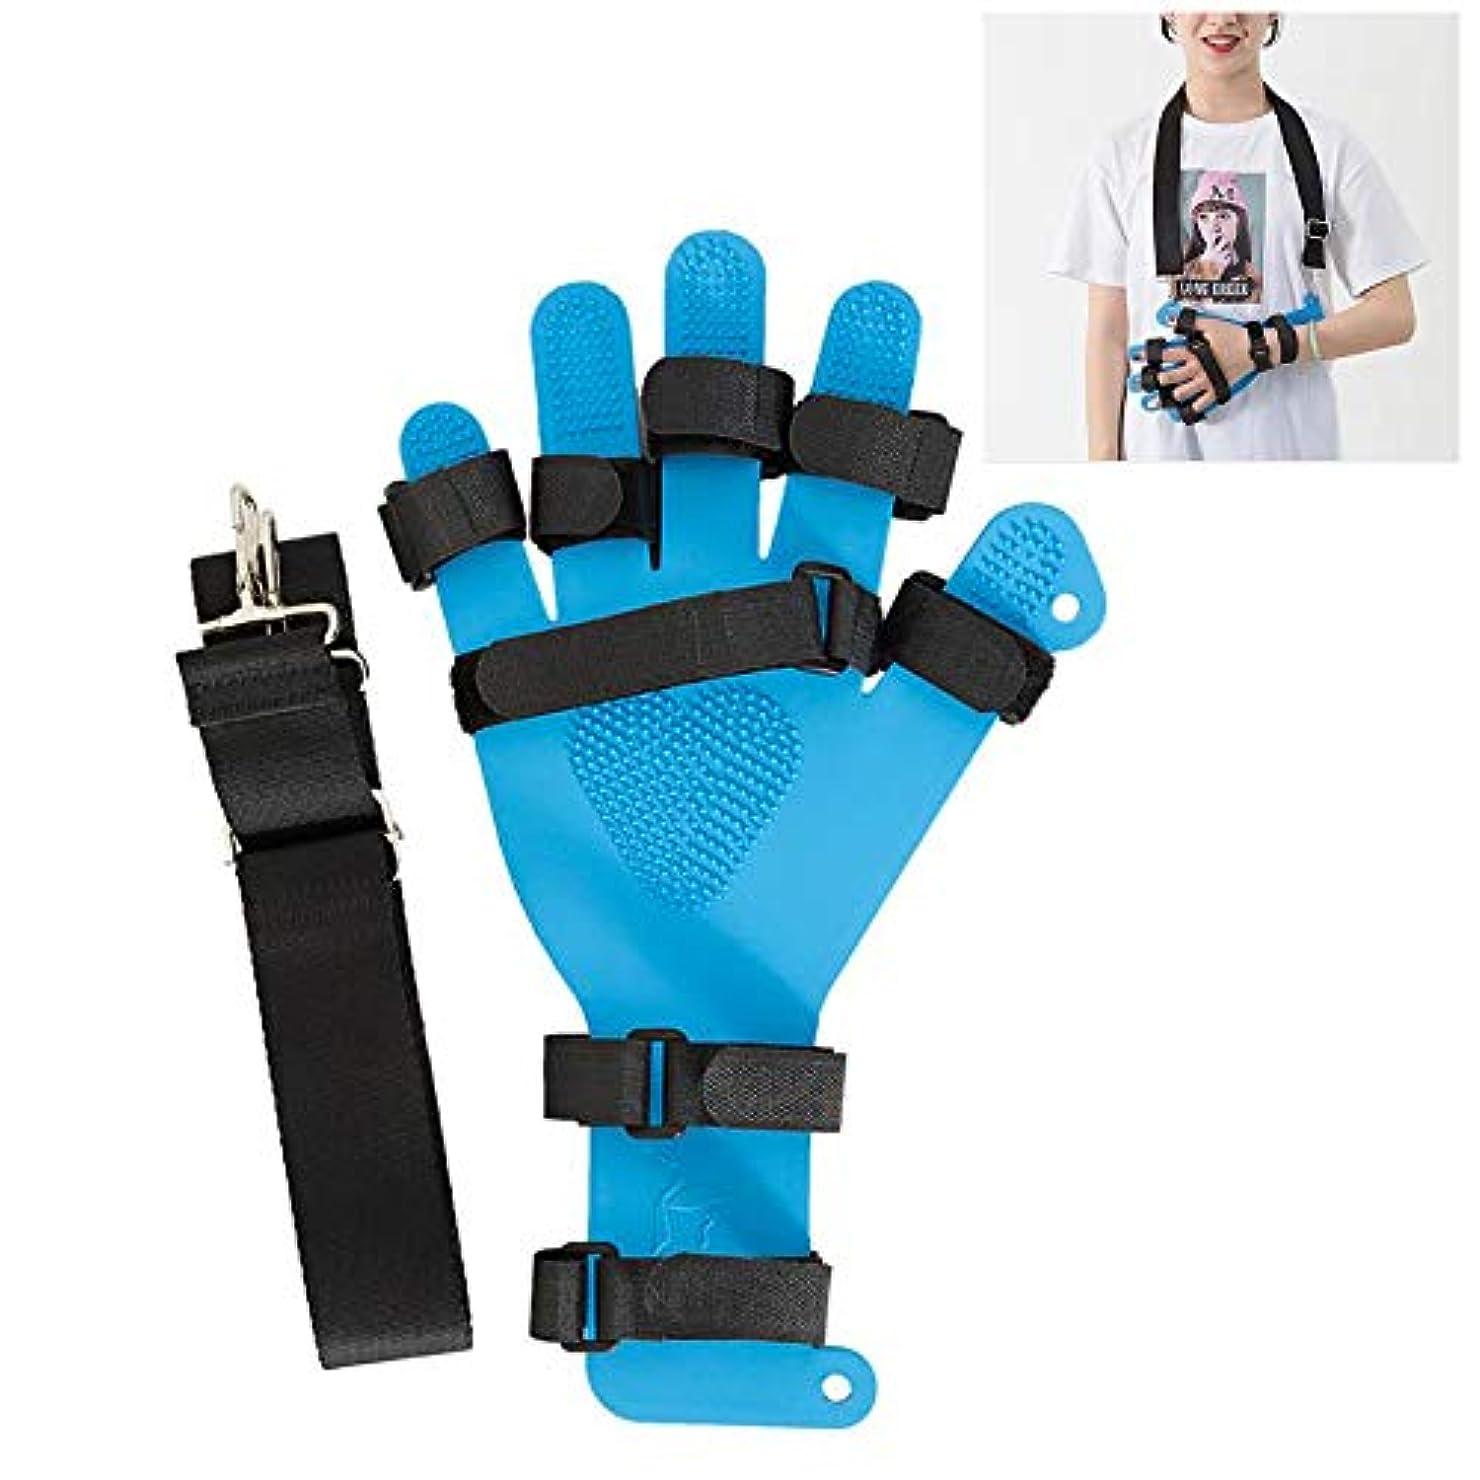 月曜日体細胞終わらせる指の副木指板、調節可能な手首の訓練の装具、リハビリテーションのための指の分離器延長板。,2PCS